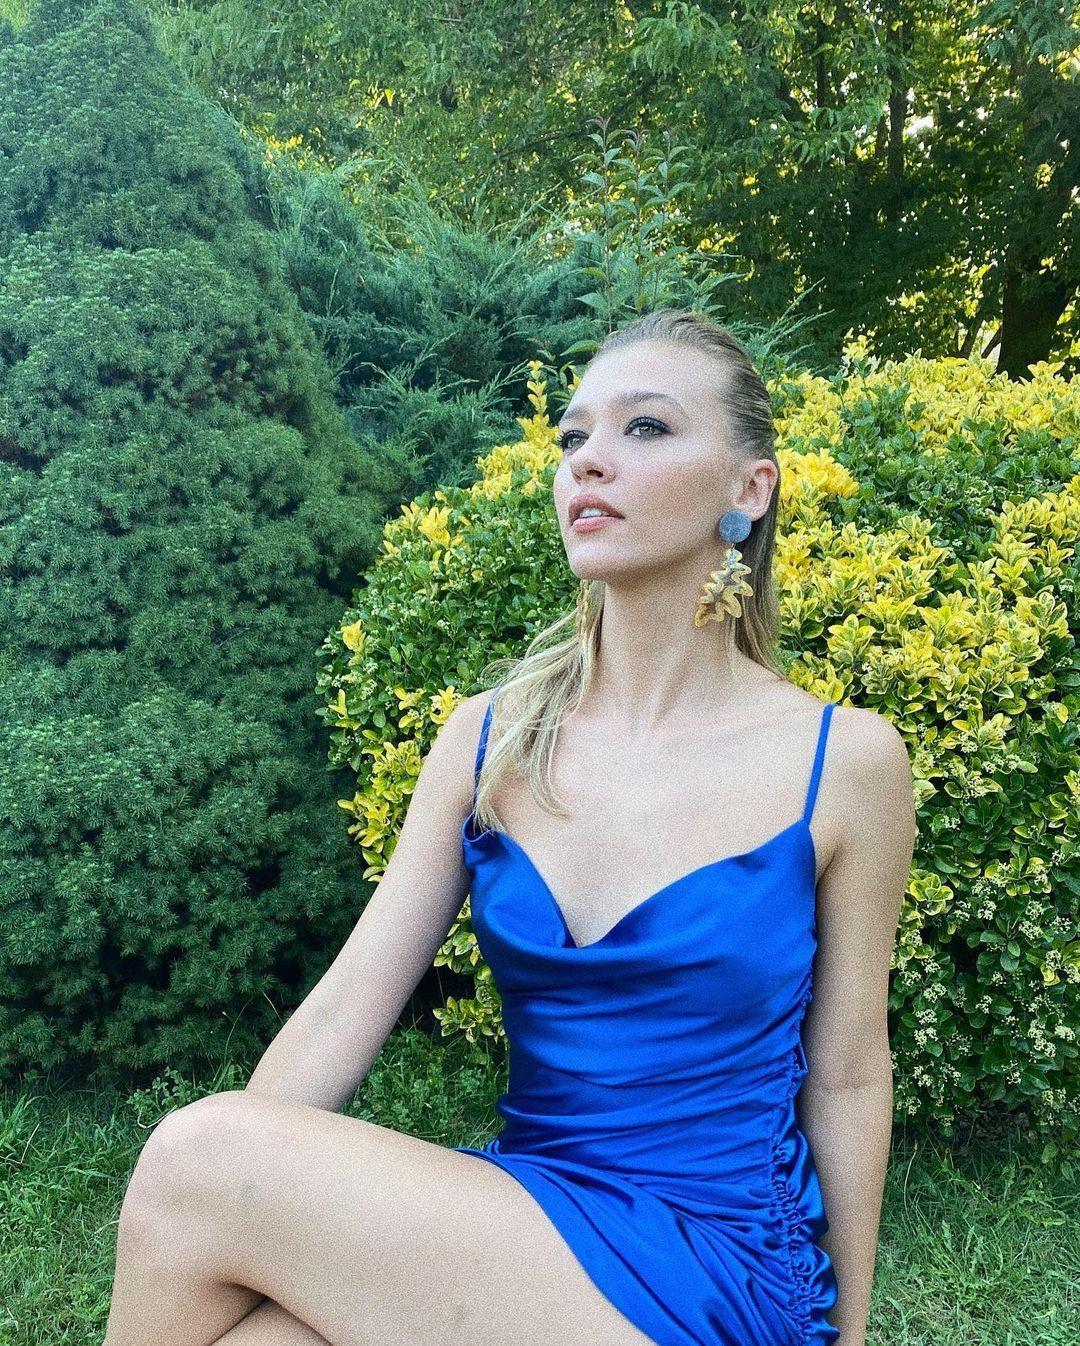 Aşk Mantık İntikam'ın Çağla'sı Melisa Döngel derin göğüs dekolteli poz! Instagram'ı yaktı geçti... - Sayfa 3